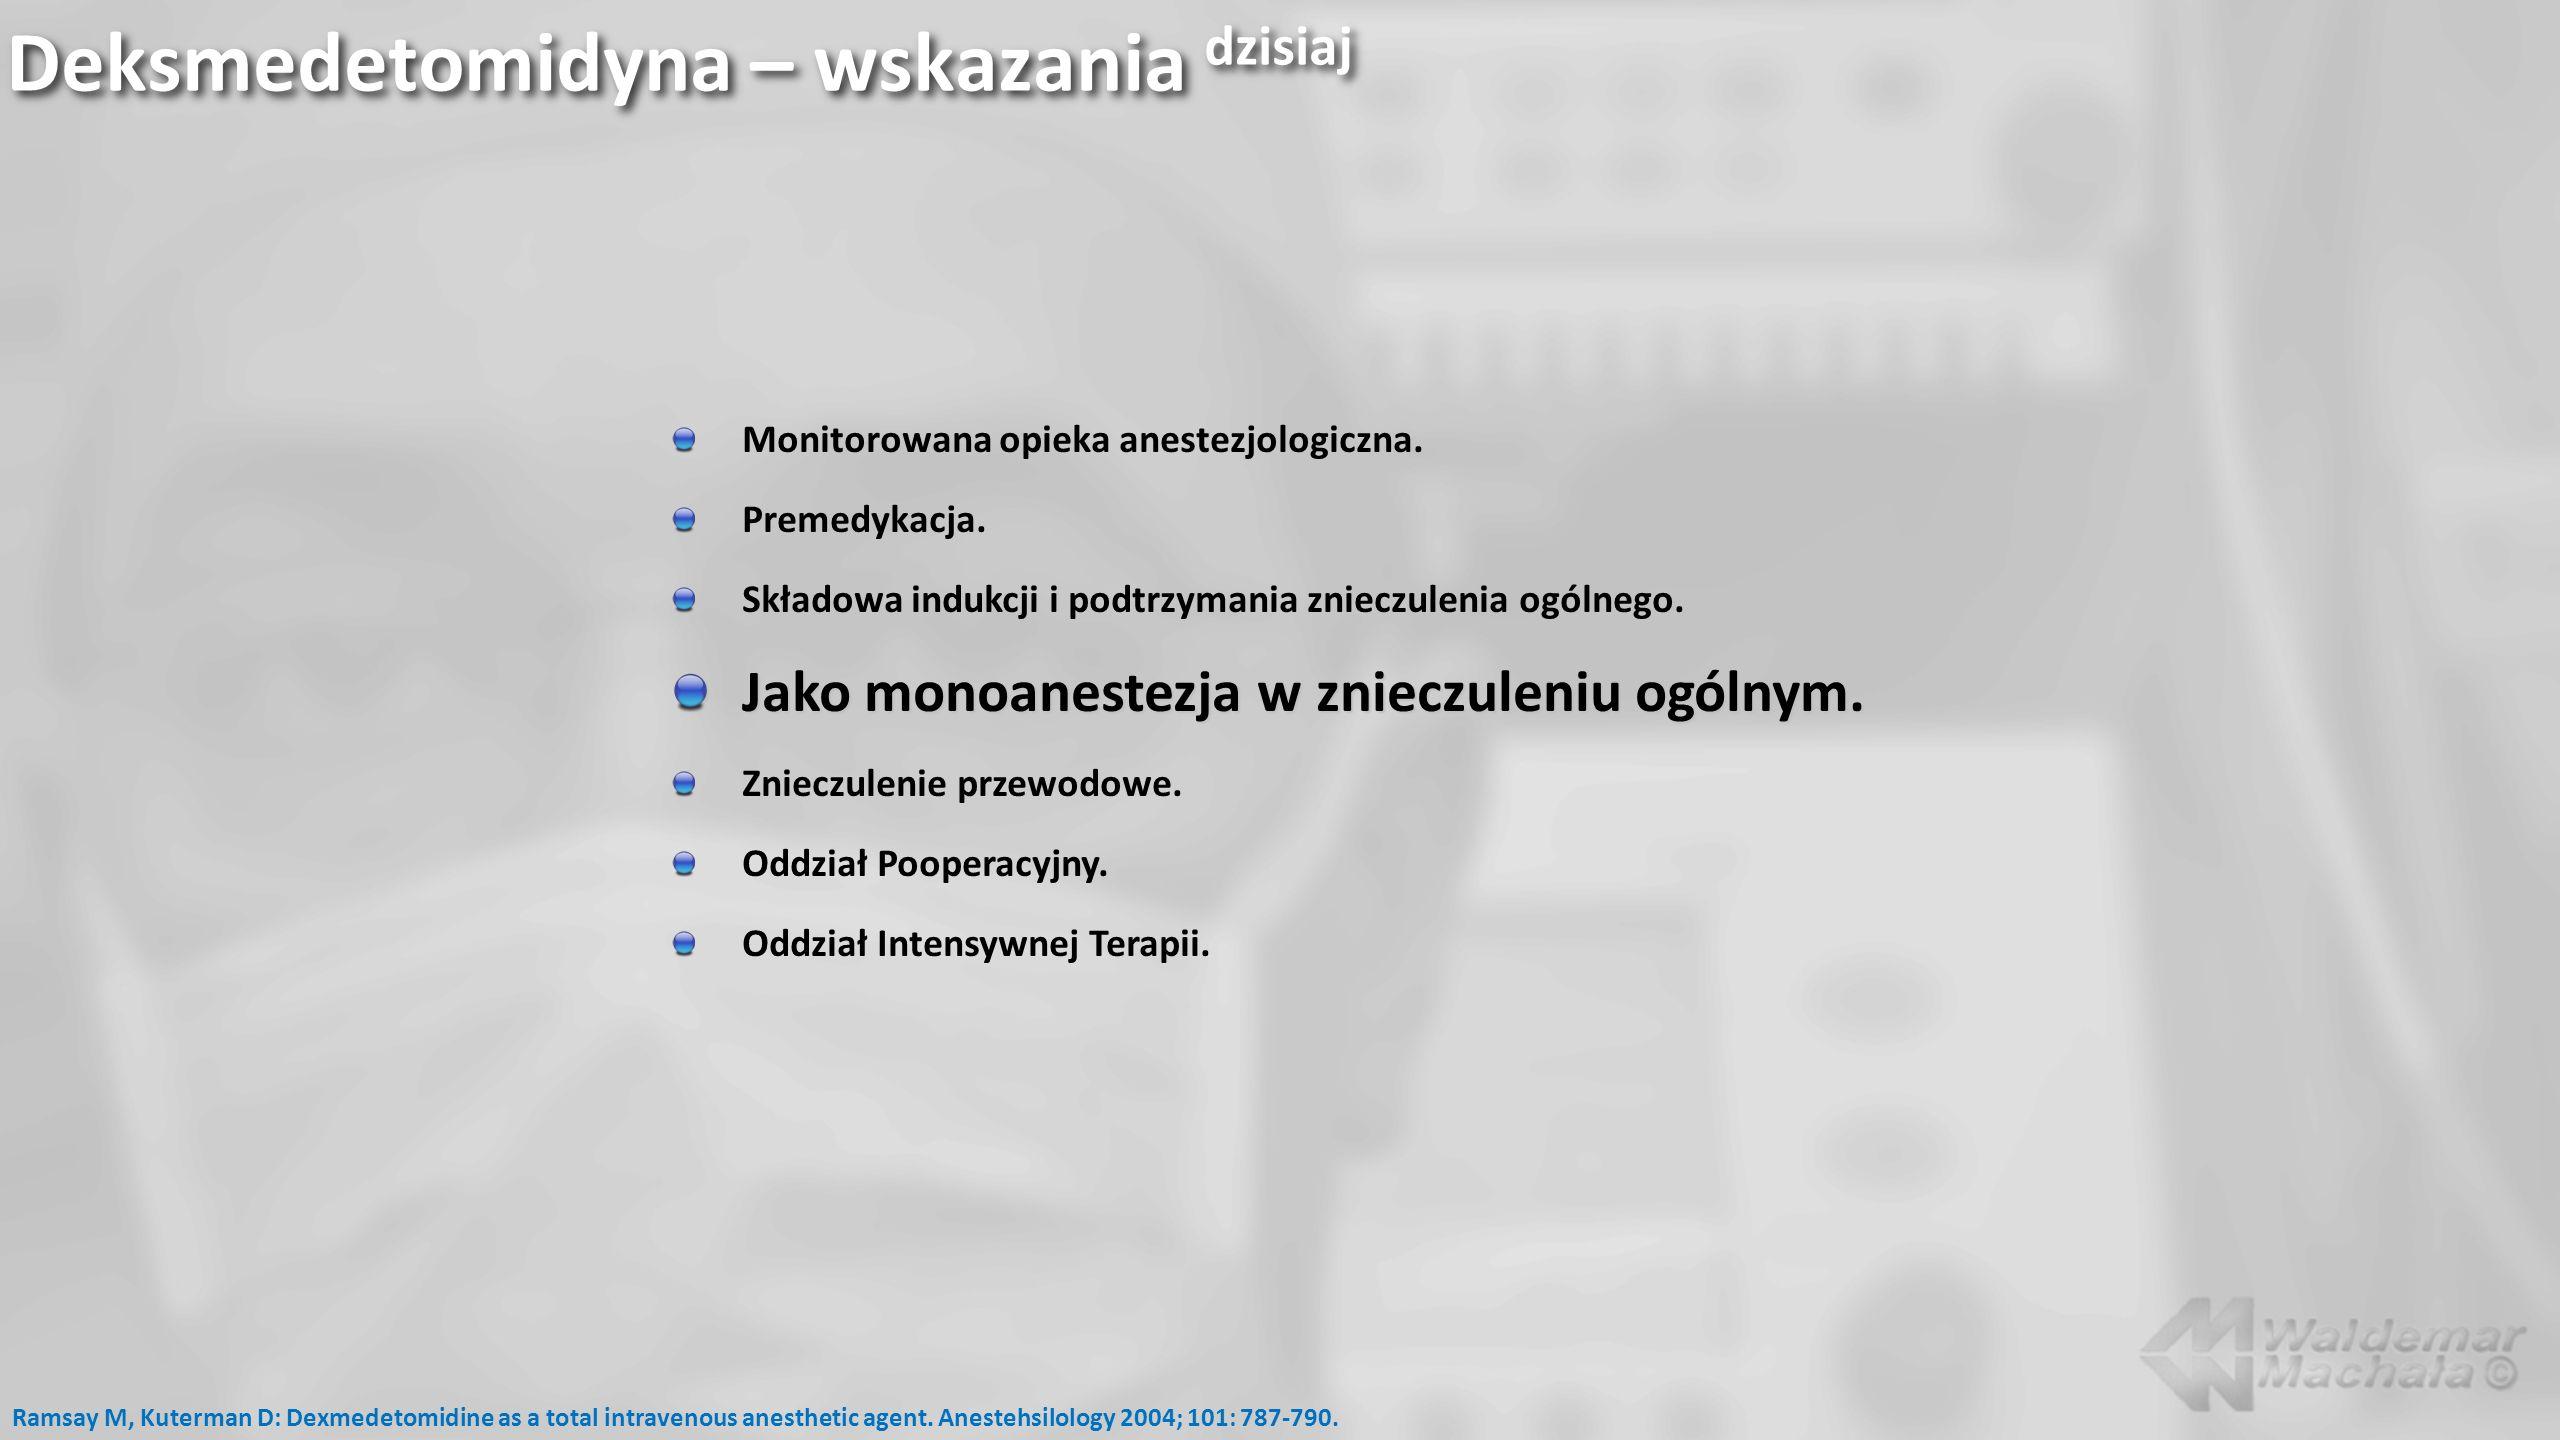 Deksmedetomidyna – wskazania dzisiaj Monitorowana opieka anestezjologiczna. Premedykacja. Składowa indukcji i podtrzymania znieczulenia ogólnego. Jako